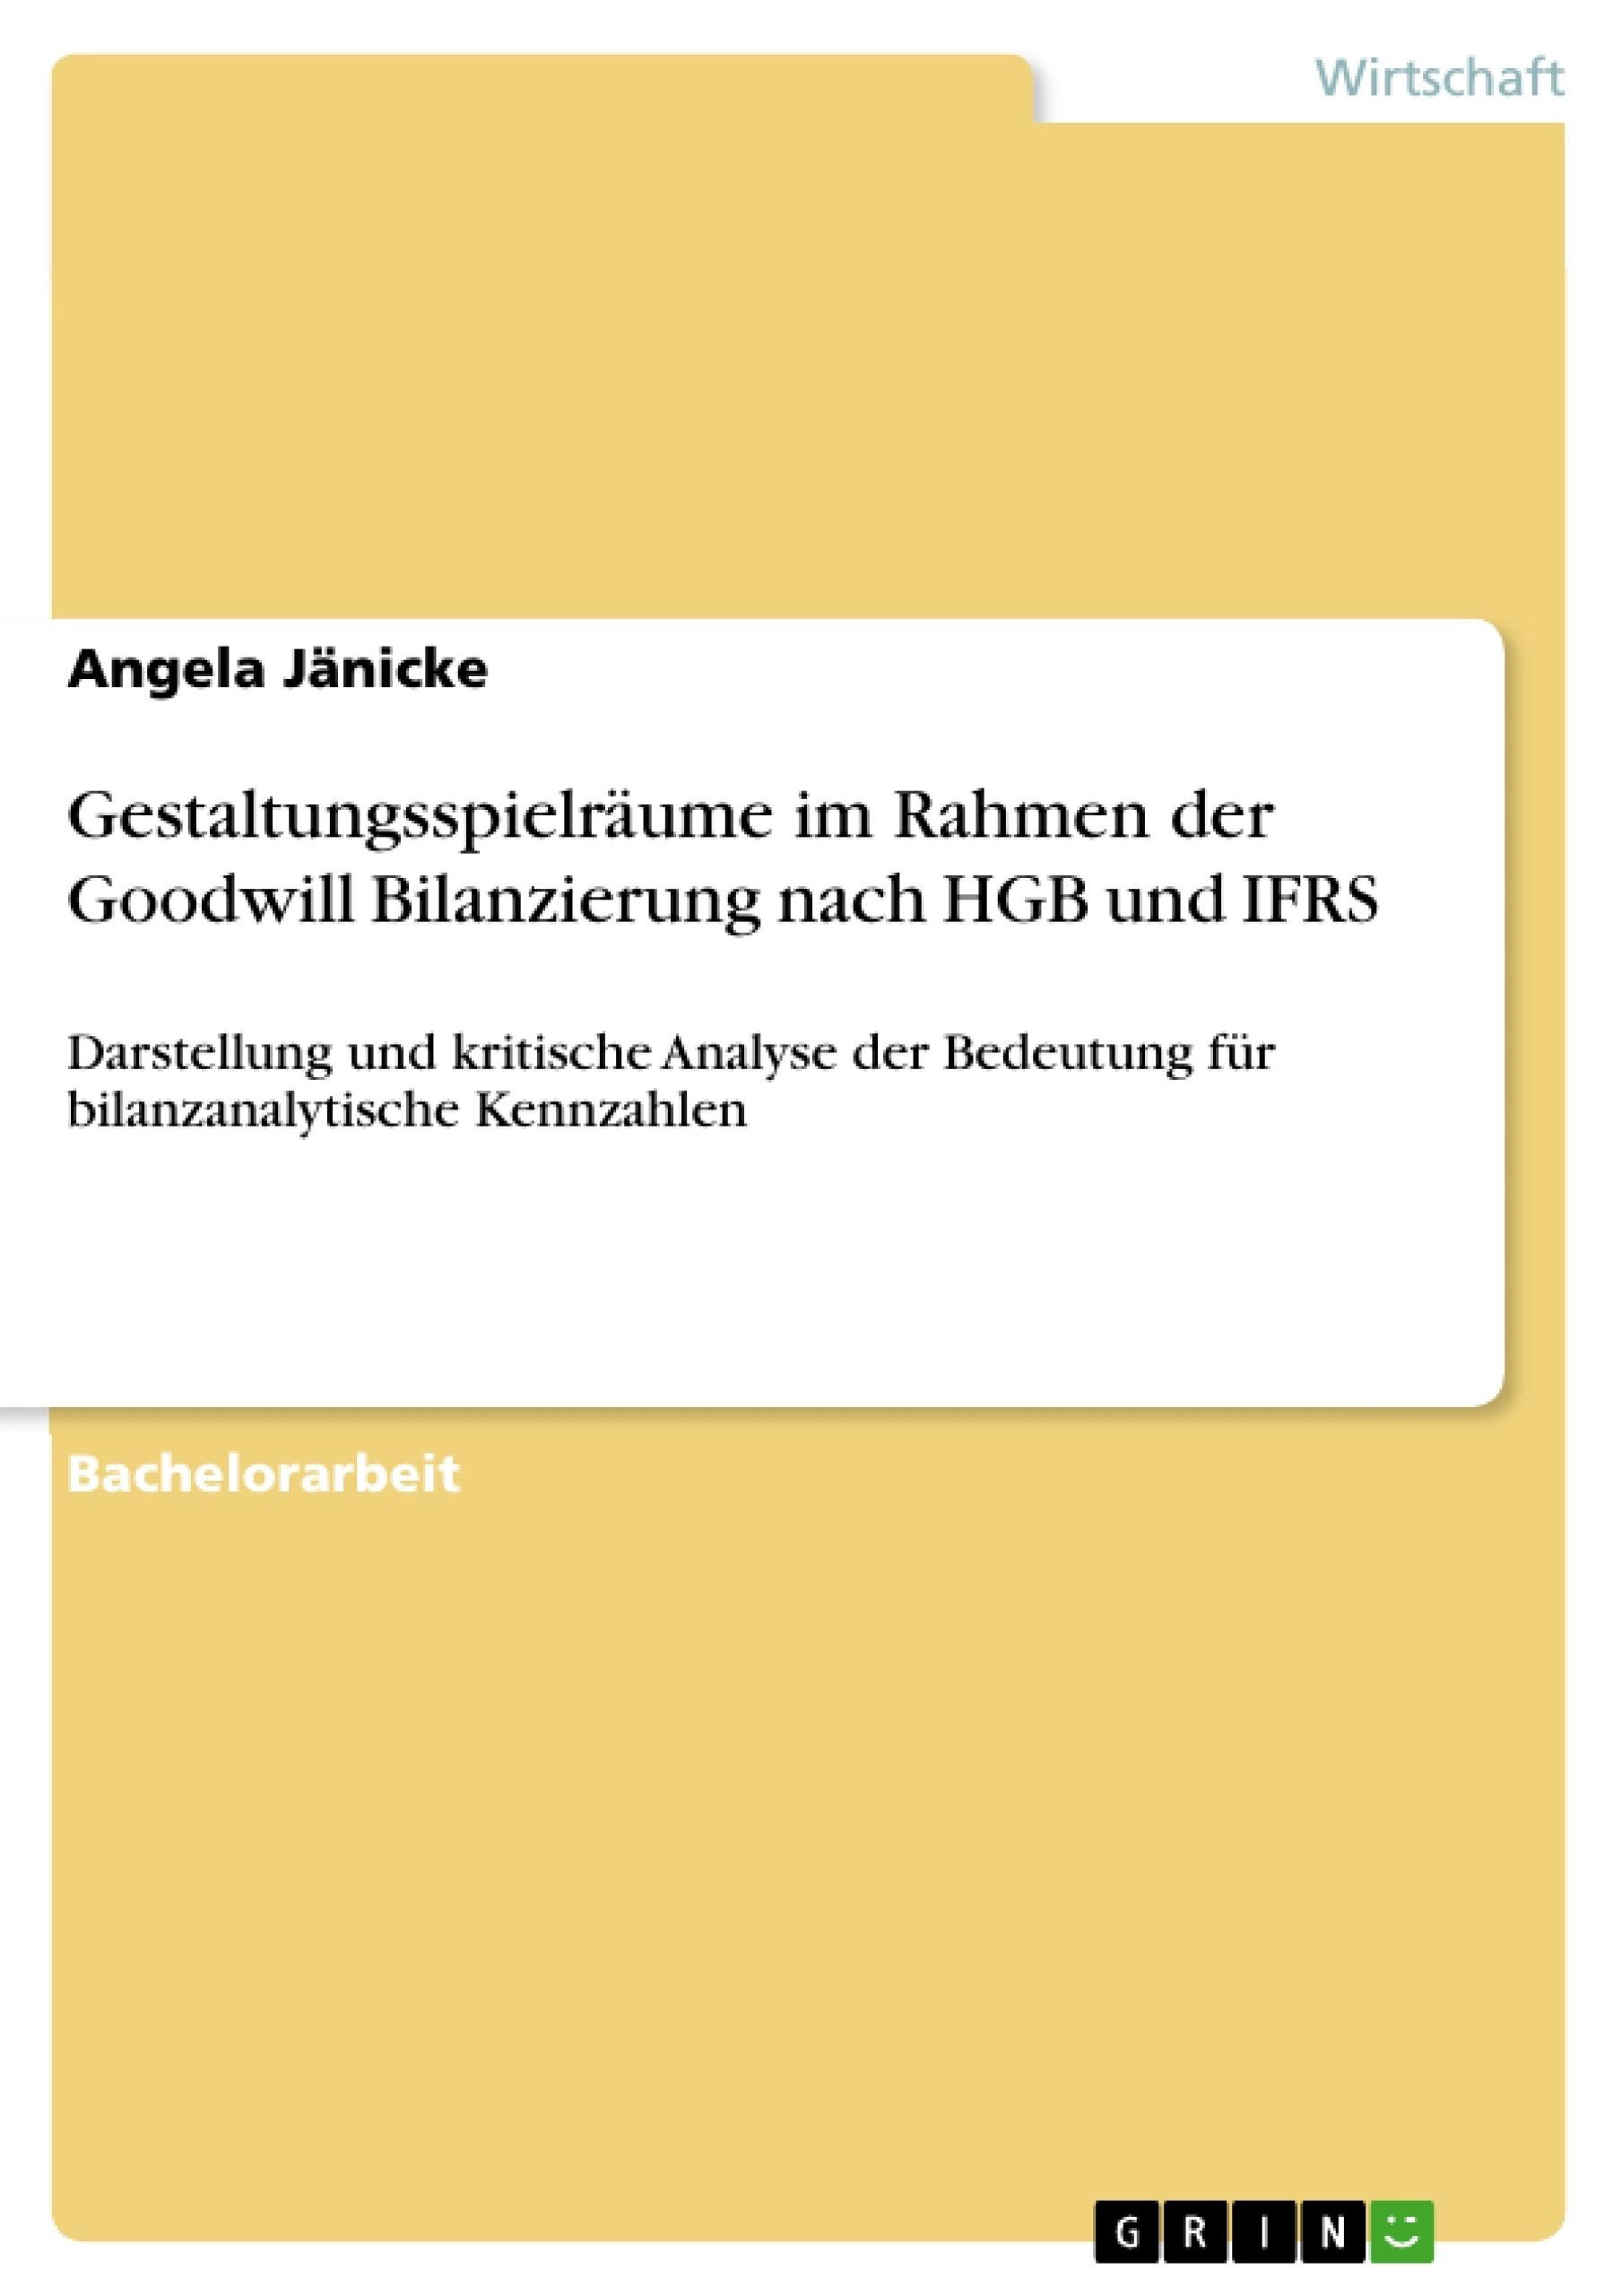 Titel: Gestaltungsspielräume im Rahmen der Goodwill Bilanzierung nach HGB und IFRS